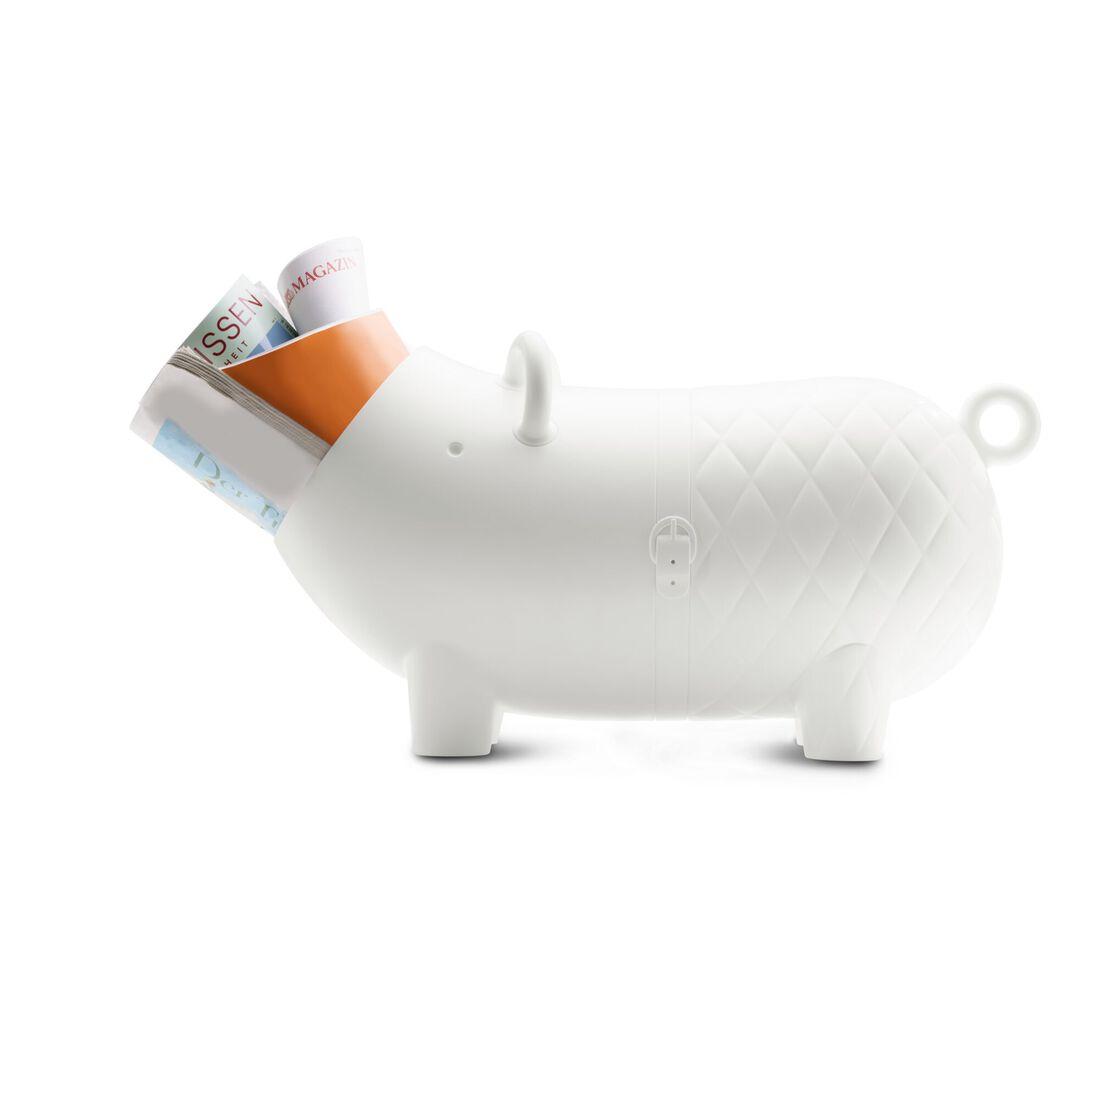 CYBEX Hausschwein - White in White large Bild 2